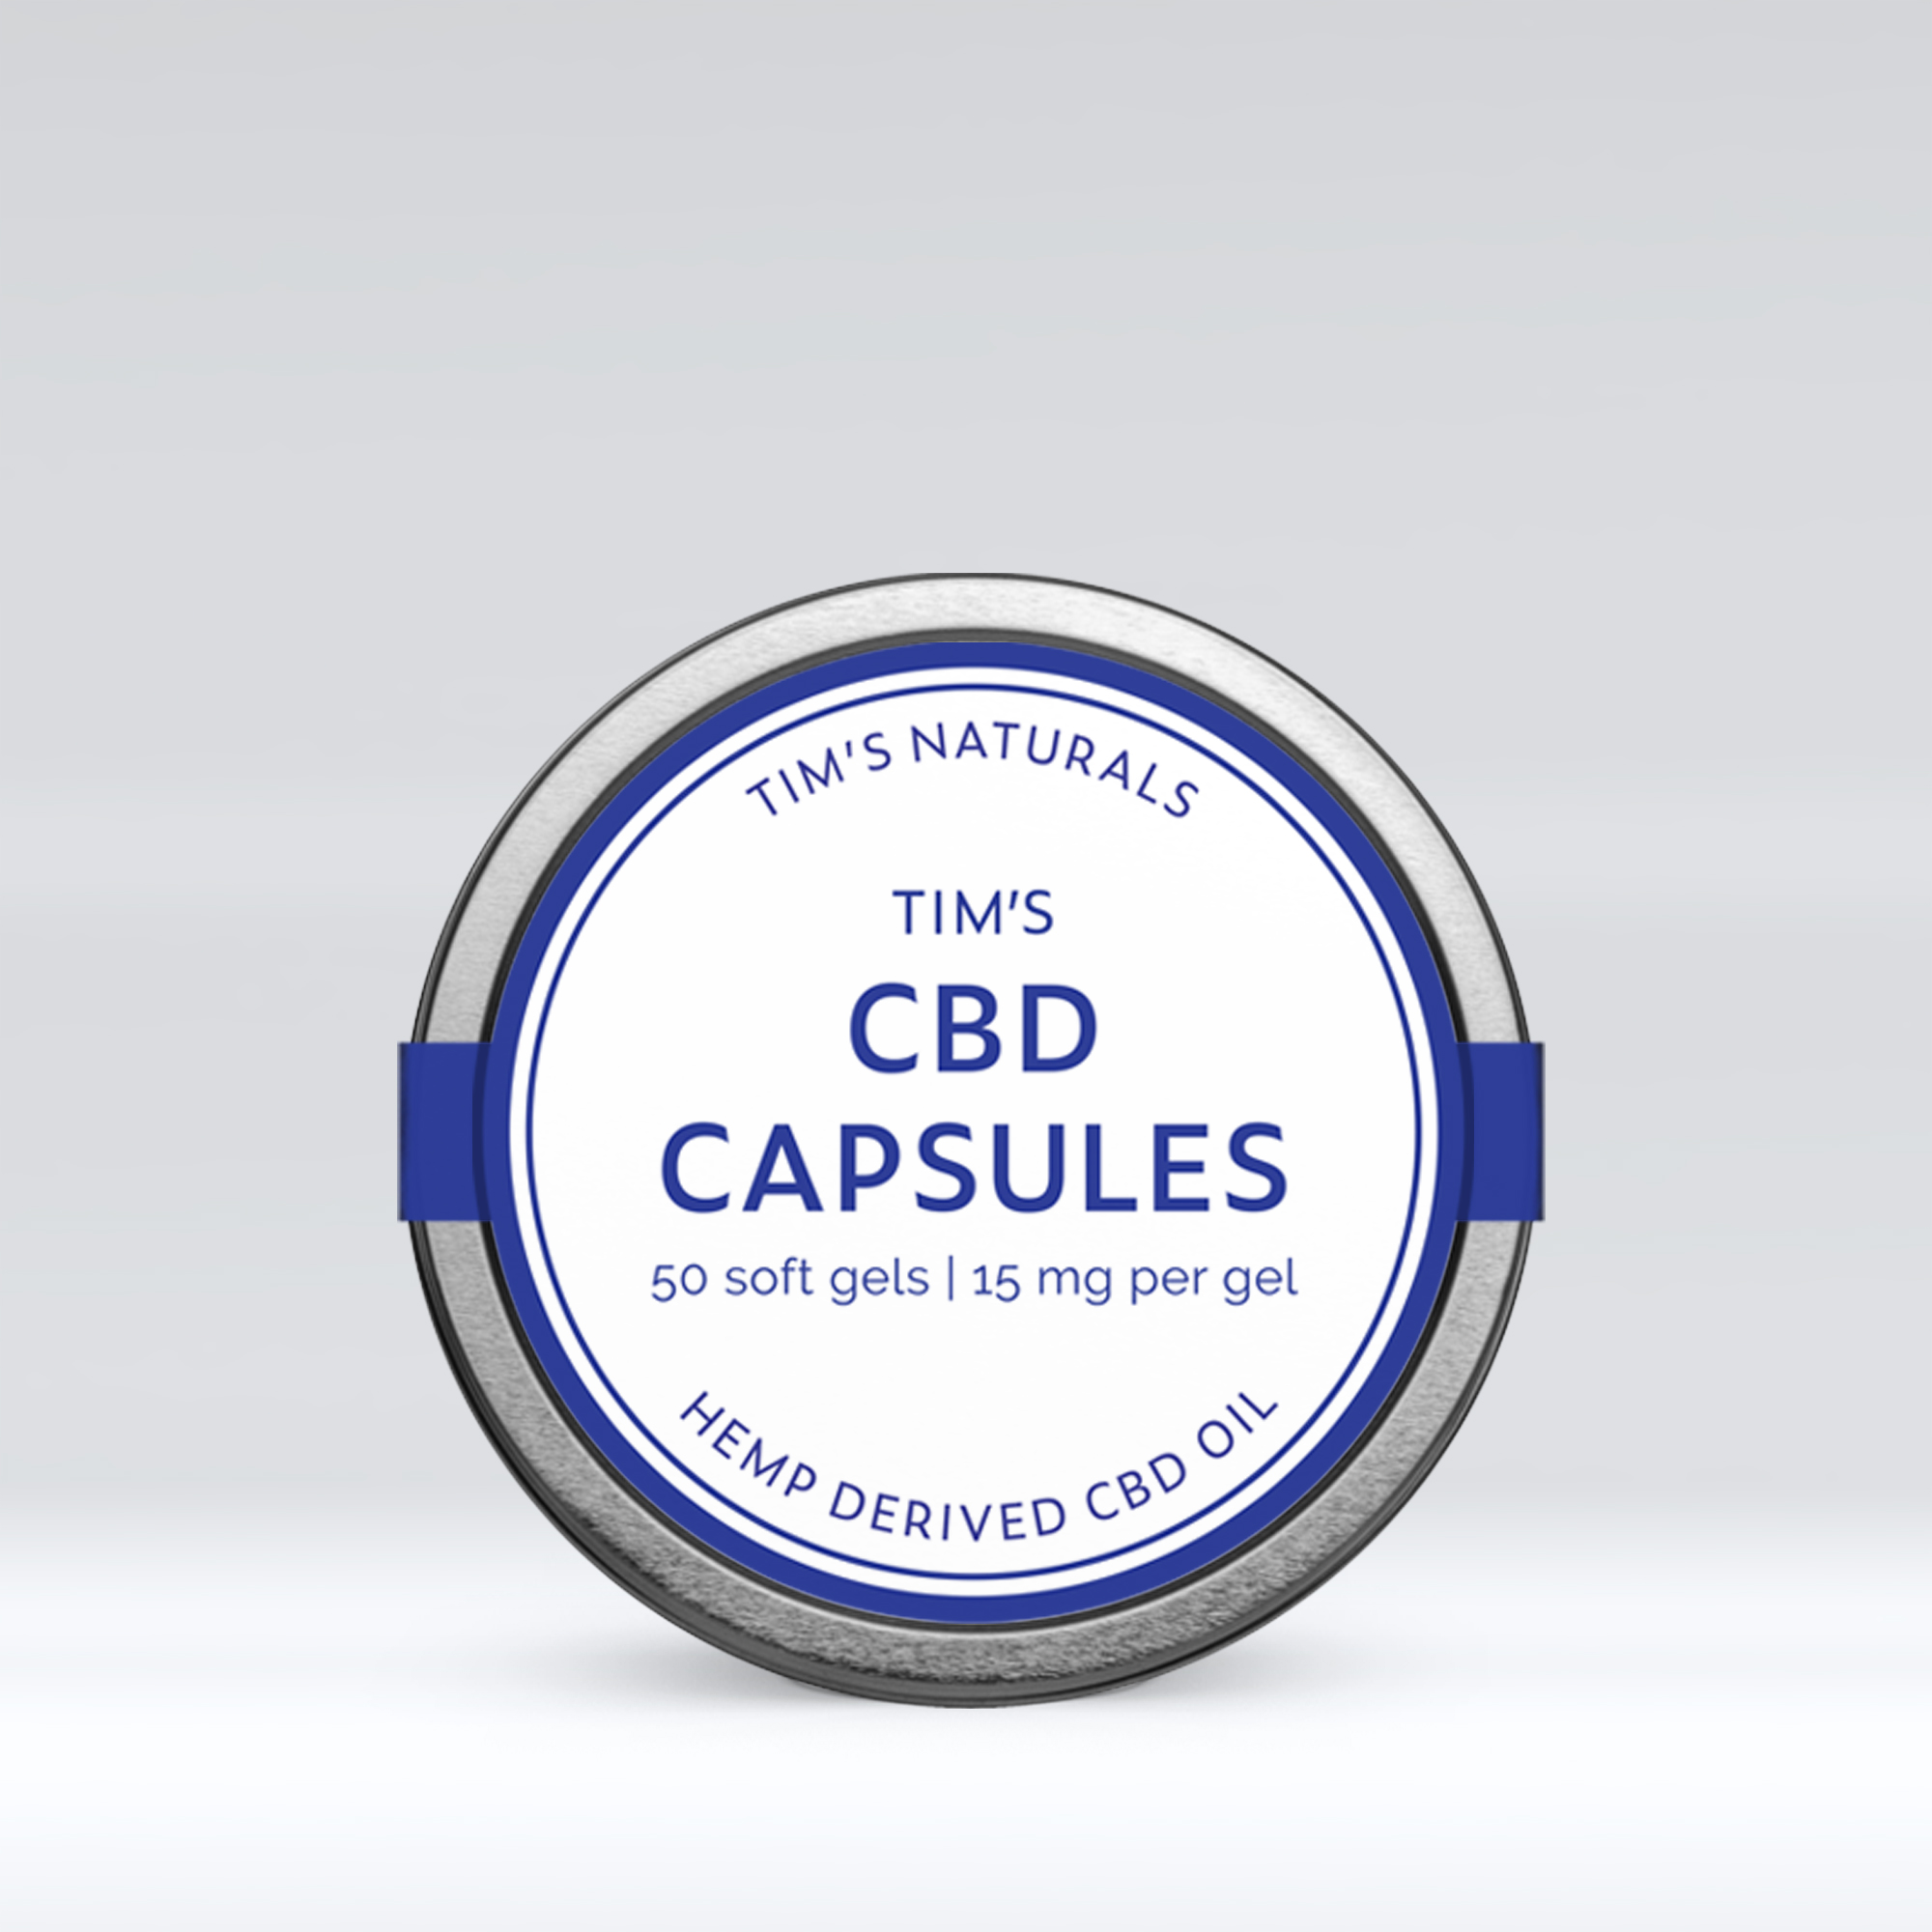 tims-naturals-cbd-capsules-label-design.jpg